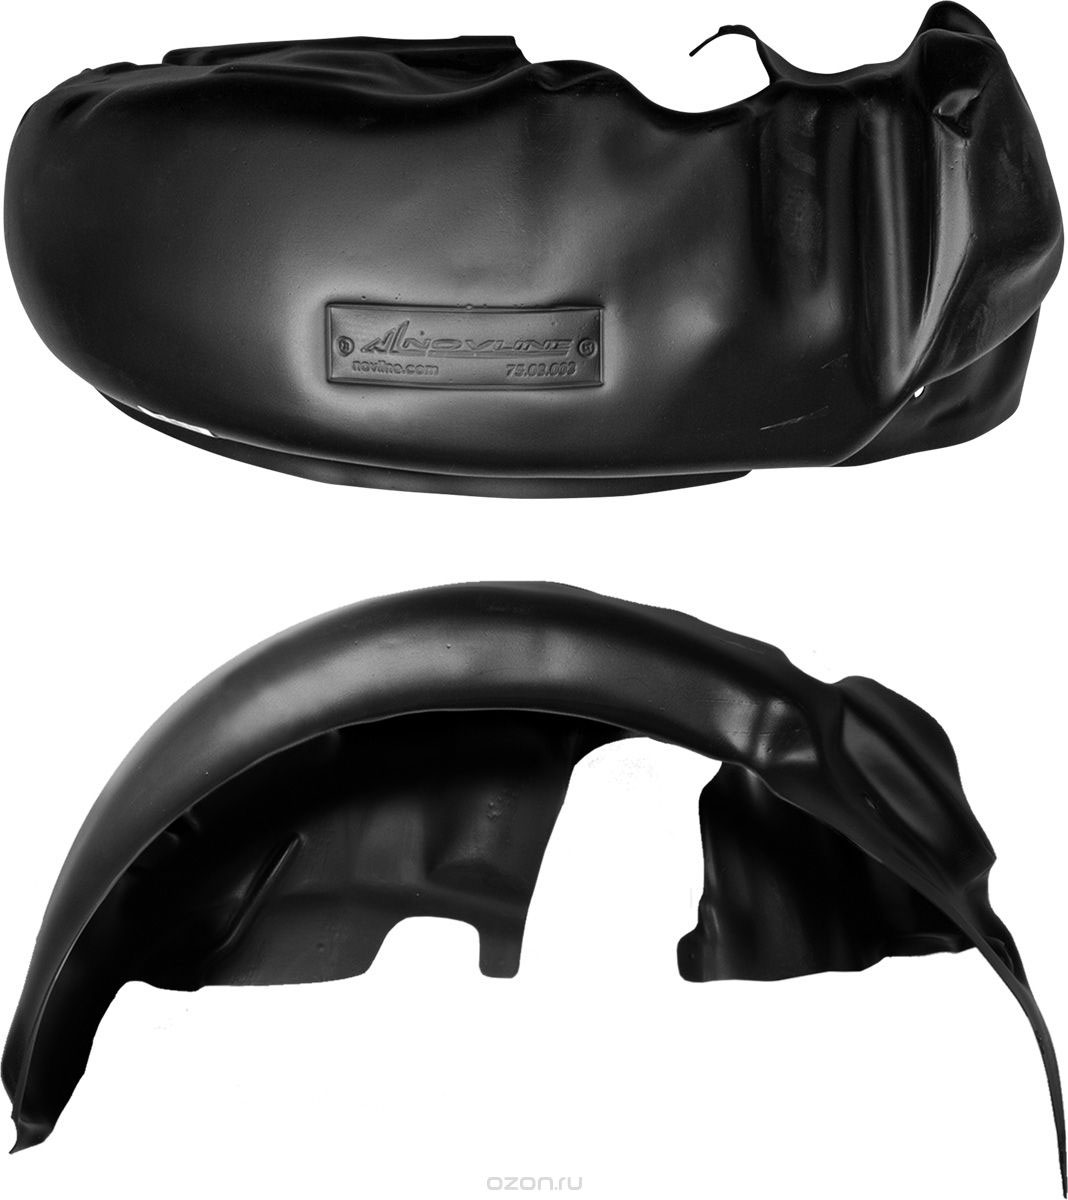 Подкрылок Novline-Autofamily, для MITSUBISHI Outlander, 2015->, задний правыйDW90Идеальная защита колесной ниши. Локеры разработаны с применением цифровых технологий, гарантируют максимальную повторяемость поверхности арки. Изделия устанавливаются без нарушения лакокрасочного покрытия автомобиля, каждый подкрылок комплектуется крепежом. Уважаемые клиенты, обращаем ваше внимание, что фотографии на подкрылки универсальные и не отражают реальную форму изделия. При этом само изделие идет точно под размер указанного автомобиля.